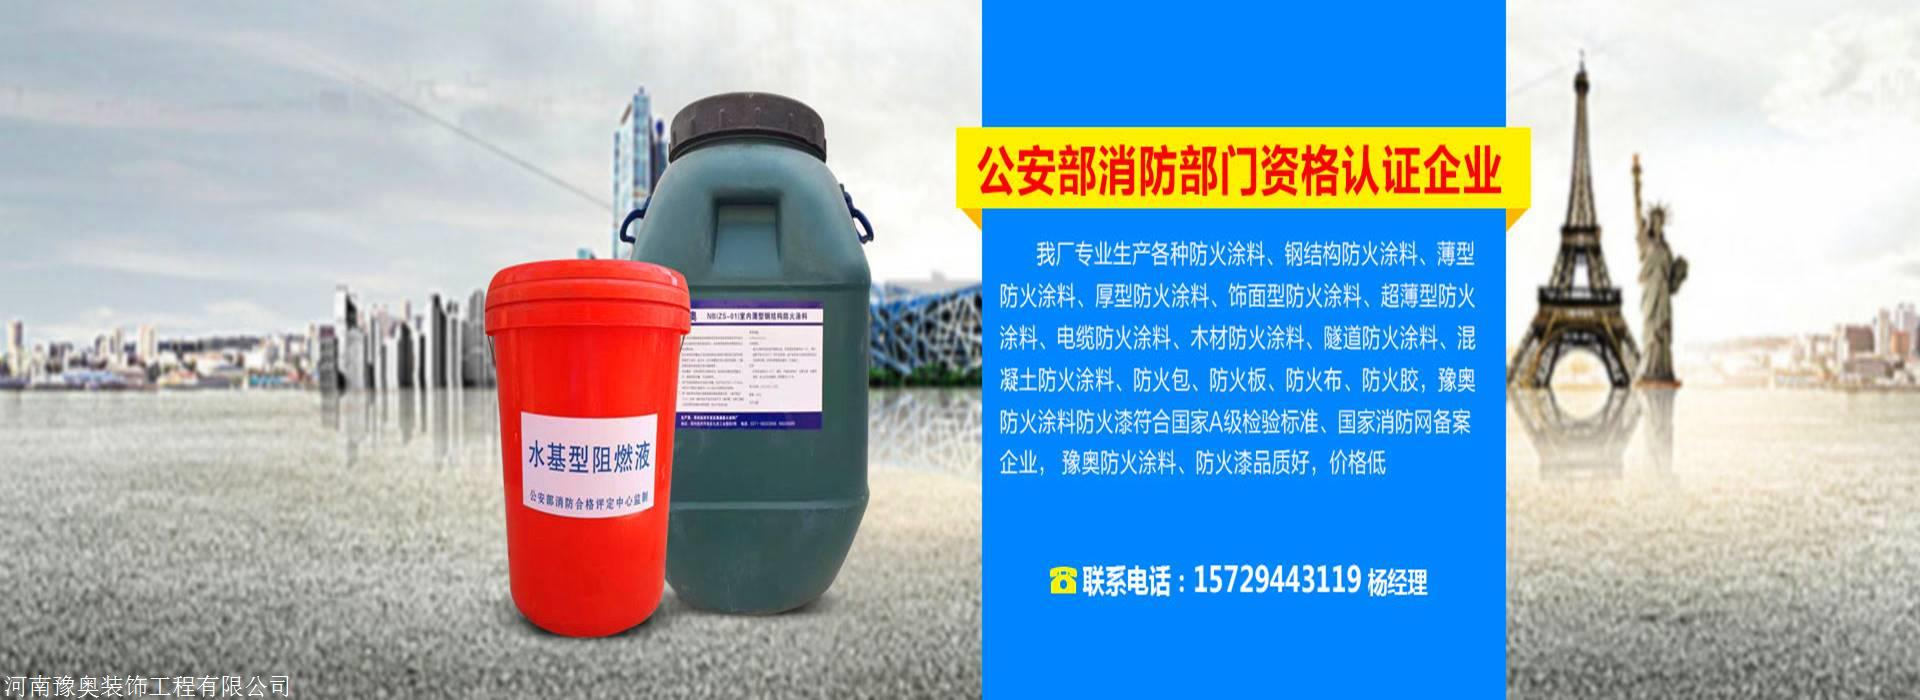 油性薄型钢结构防火涂料、消防认证收录企业